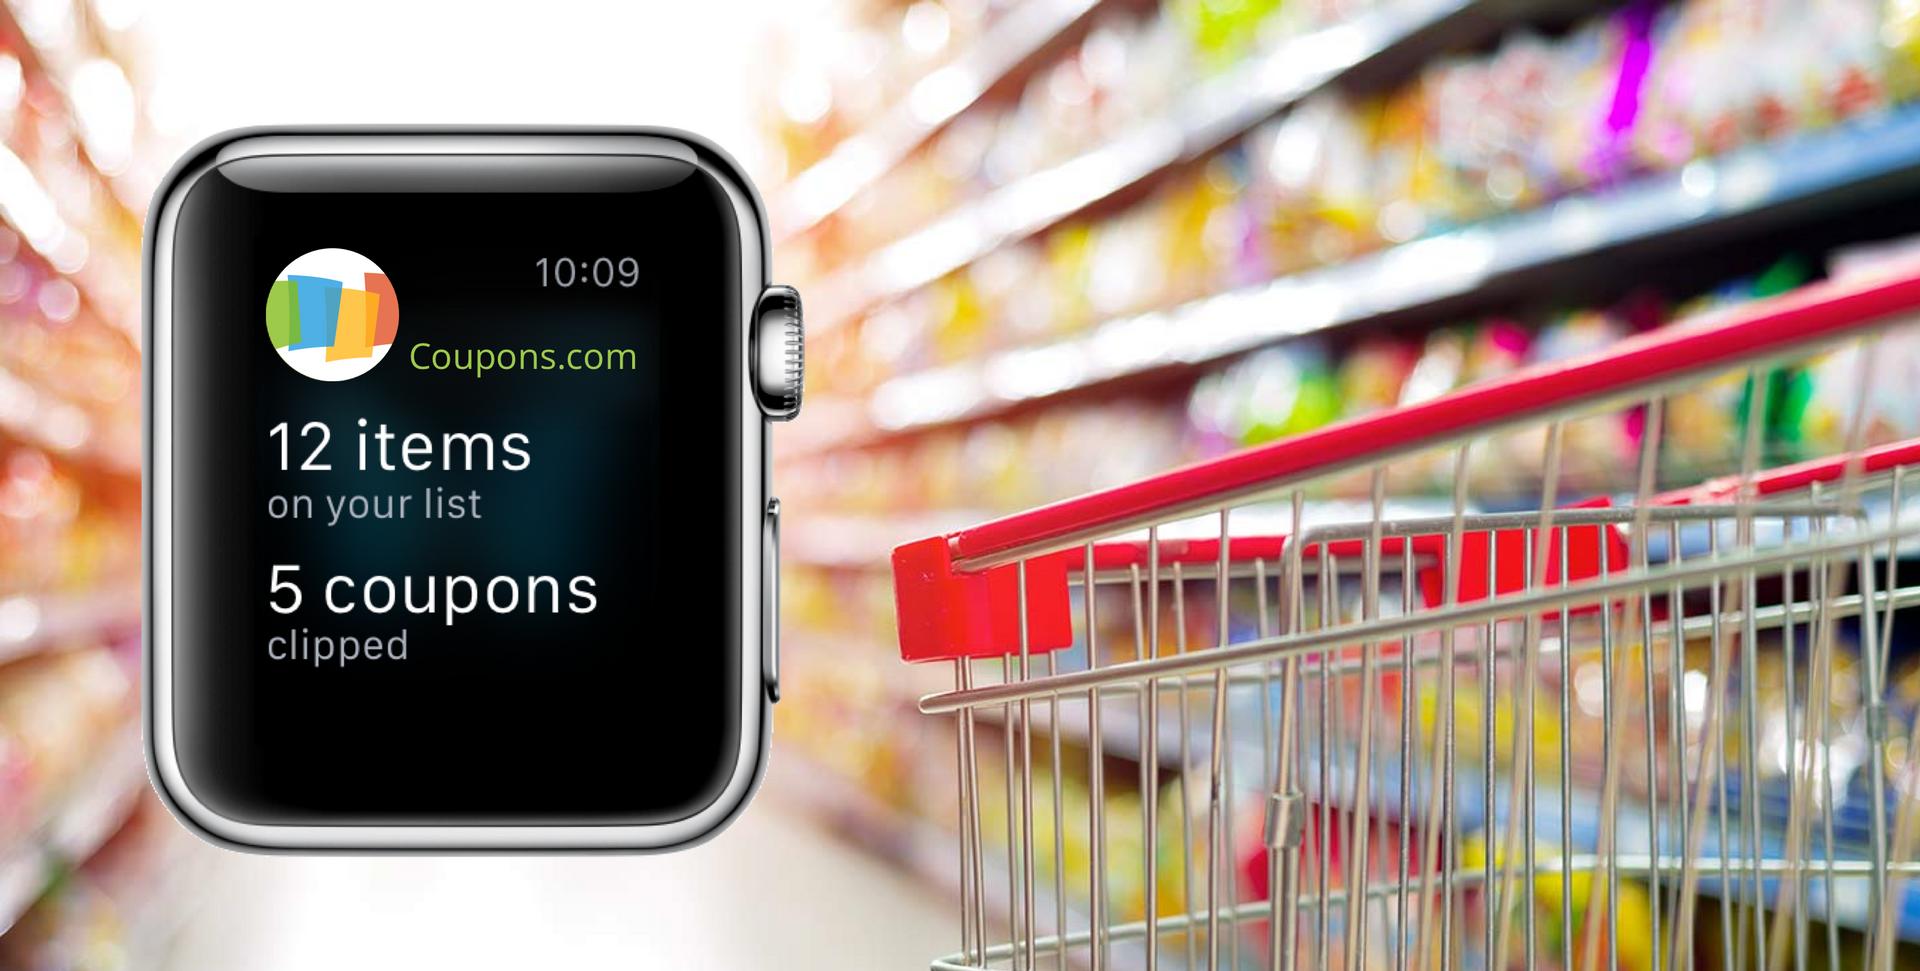 Apple Watch App